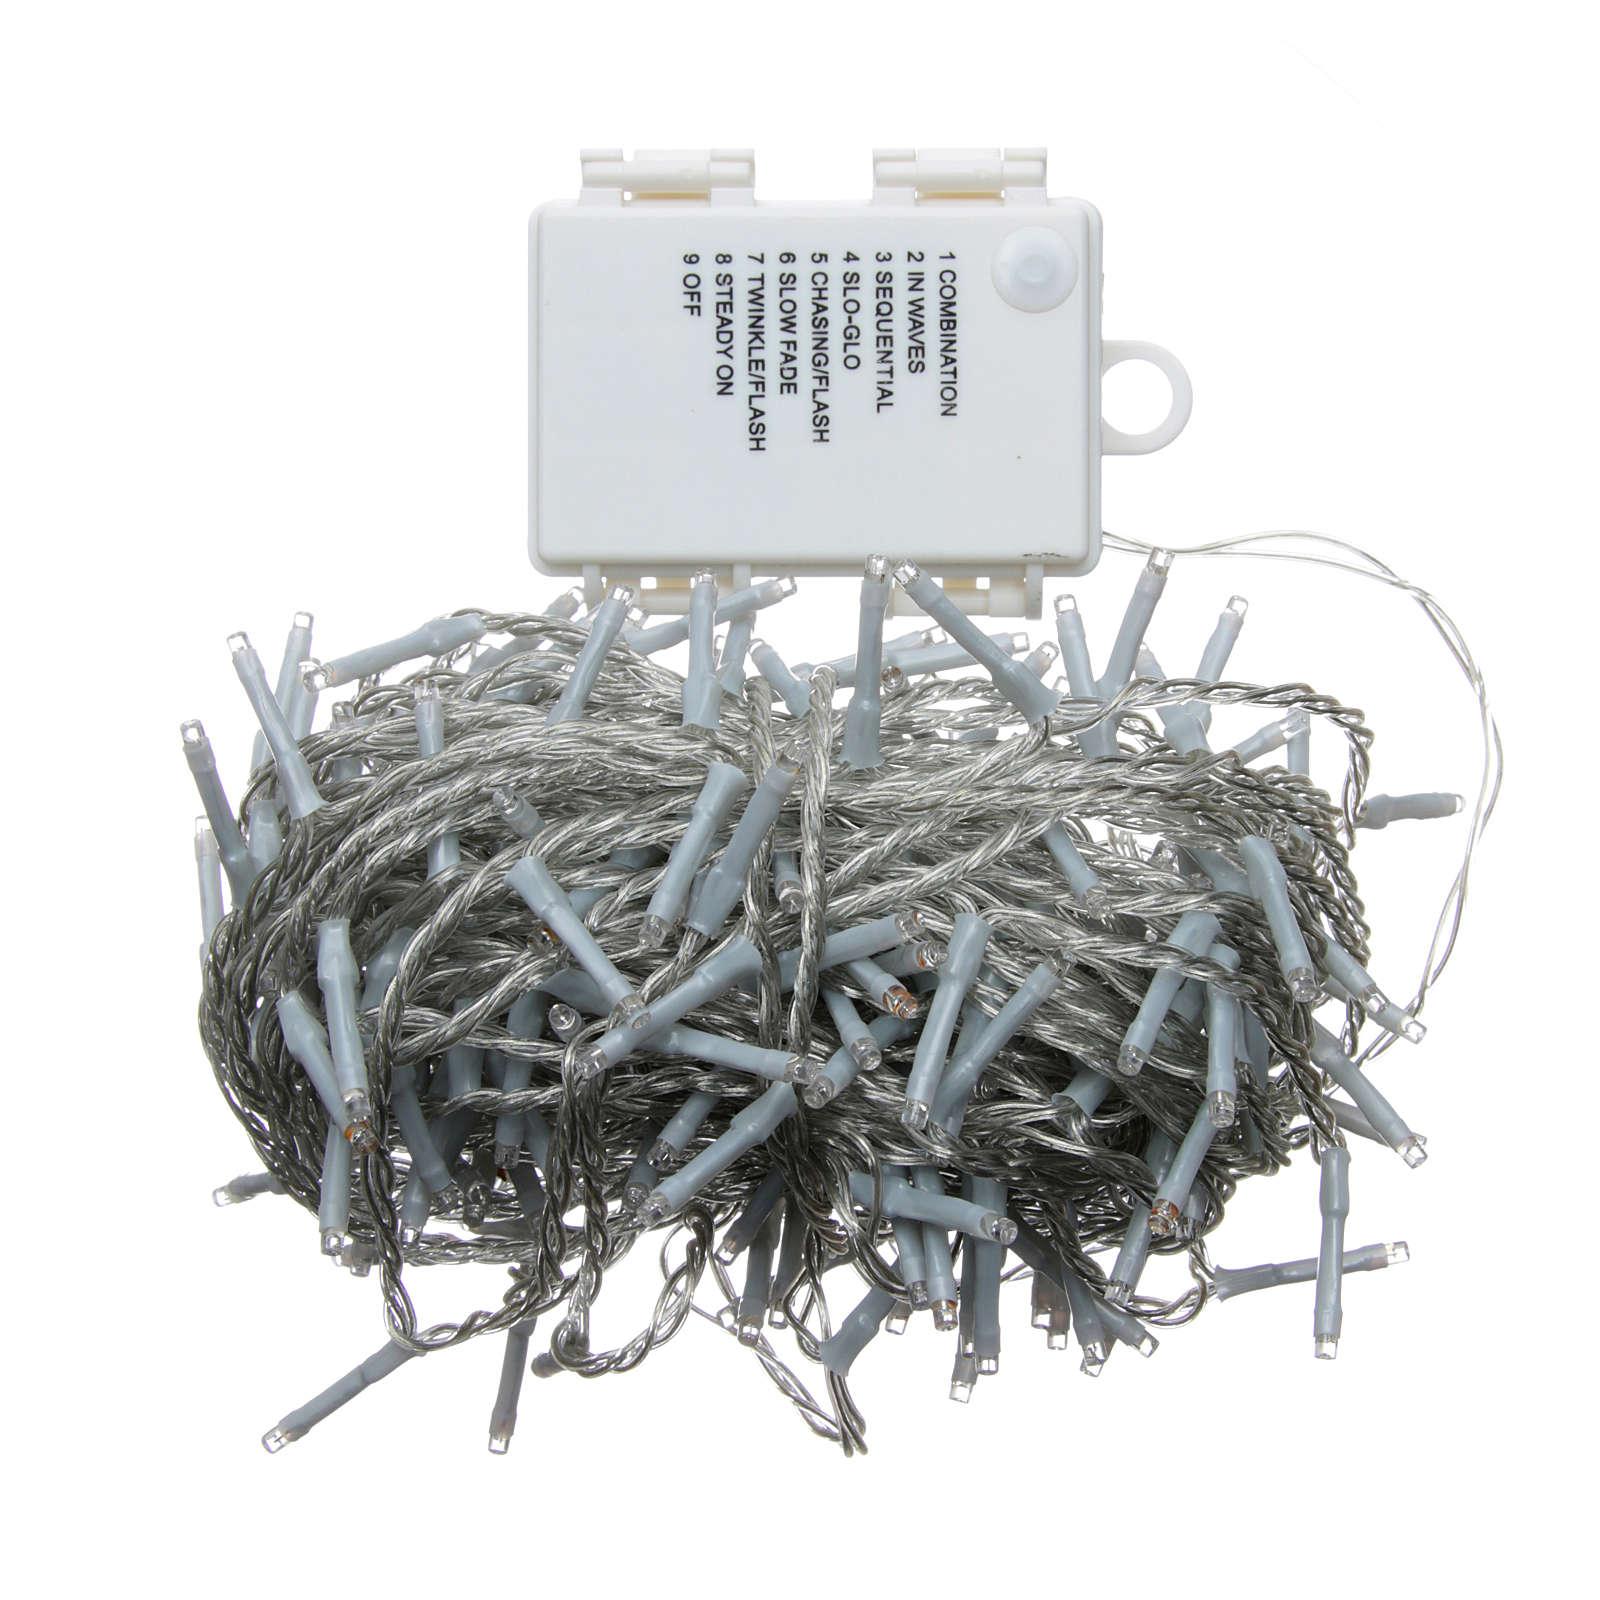 clairage no l cha ne 160 leds bleu ext rieur piles programmable vente en ligne sur holyart. Black Bedroom Furniture Sets. Home Design Ideas